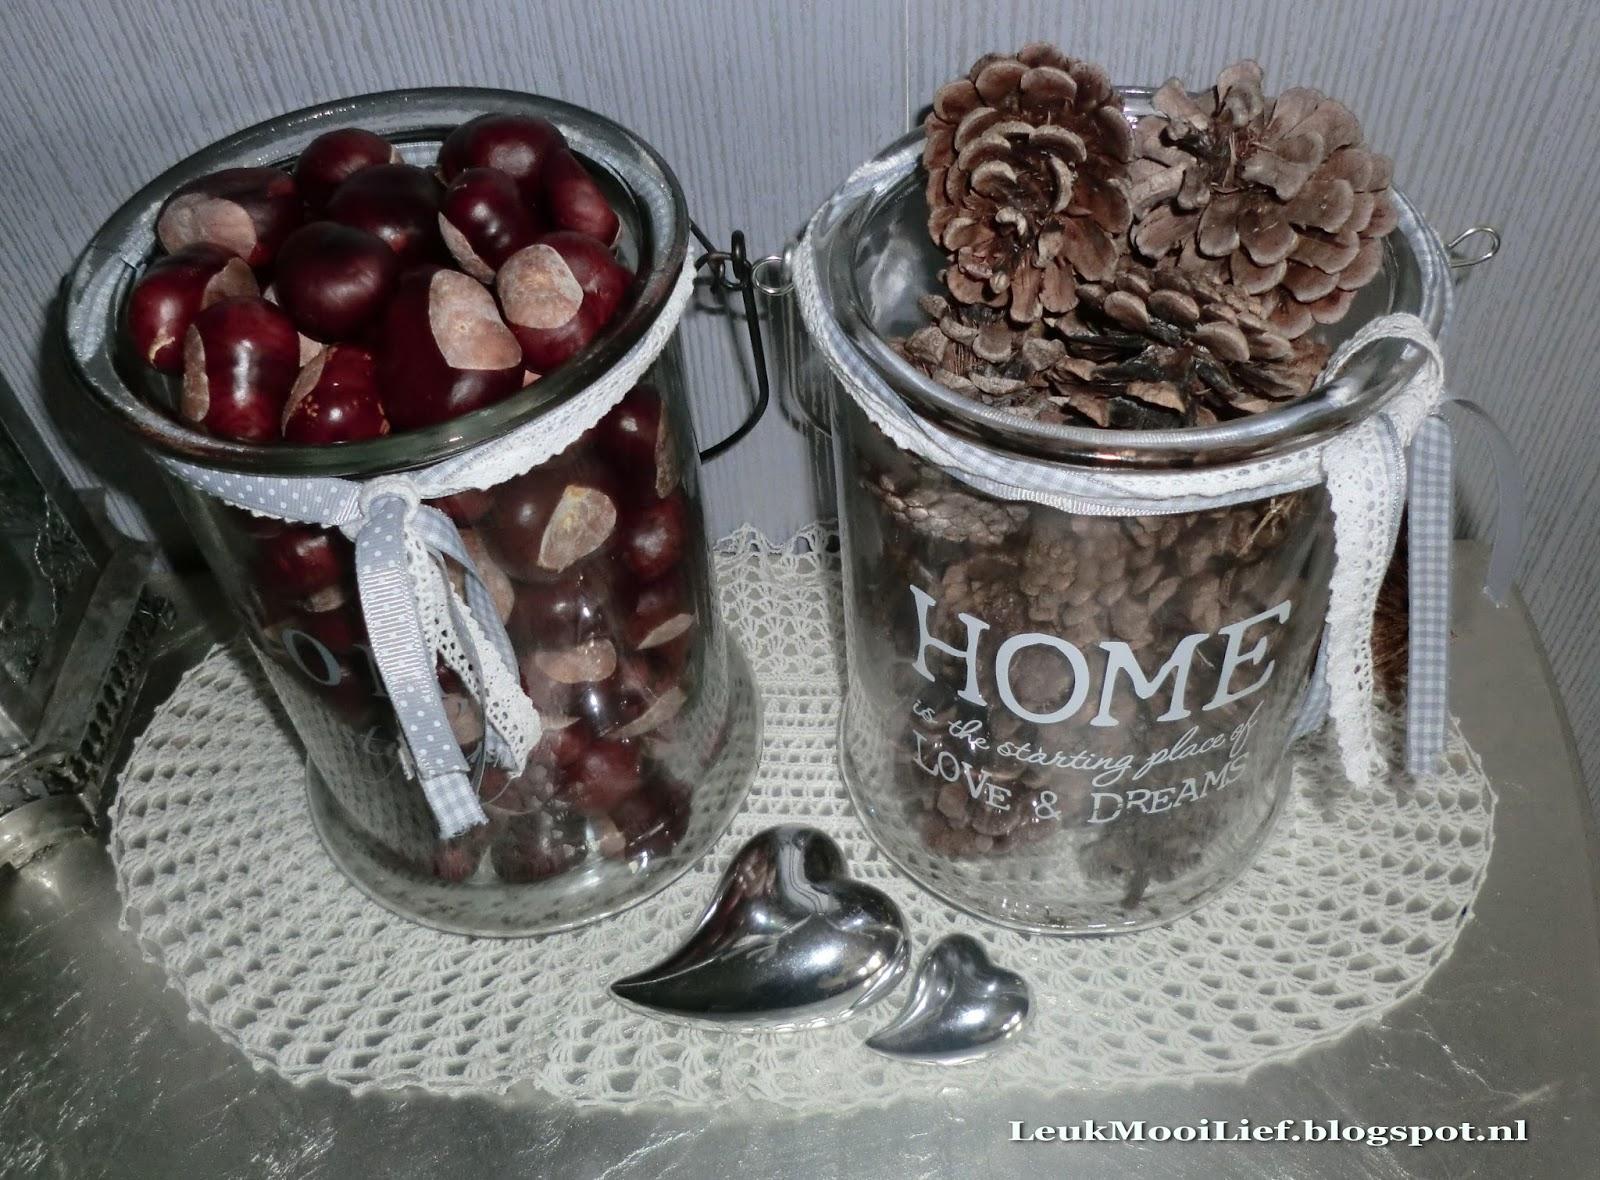 Leuk mooi lief herfst in huis